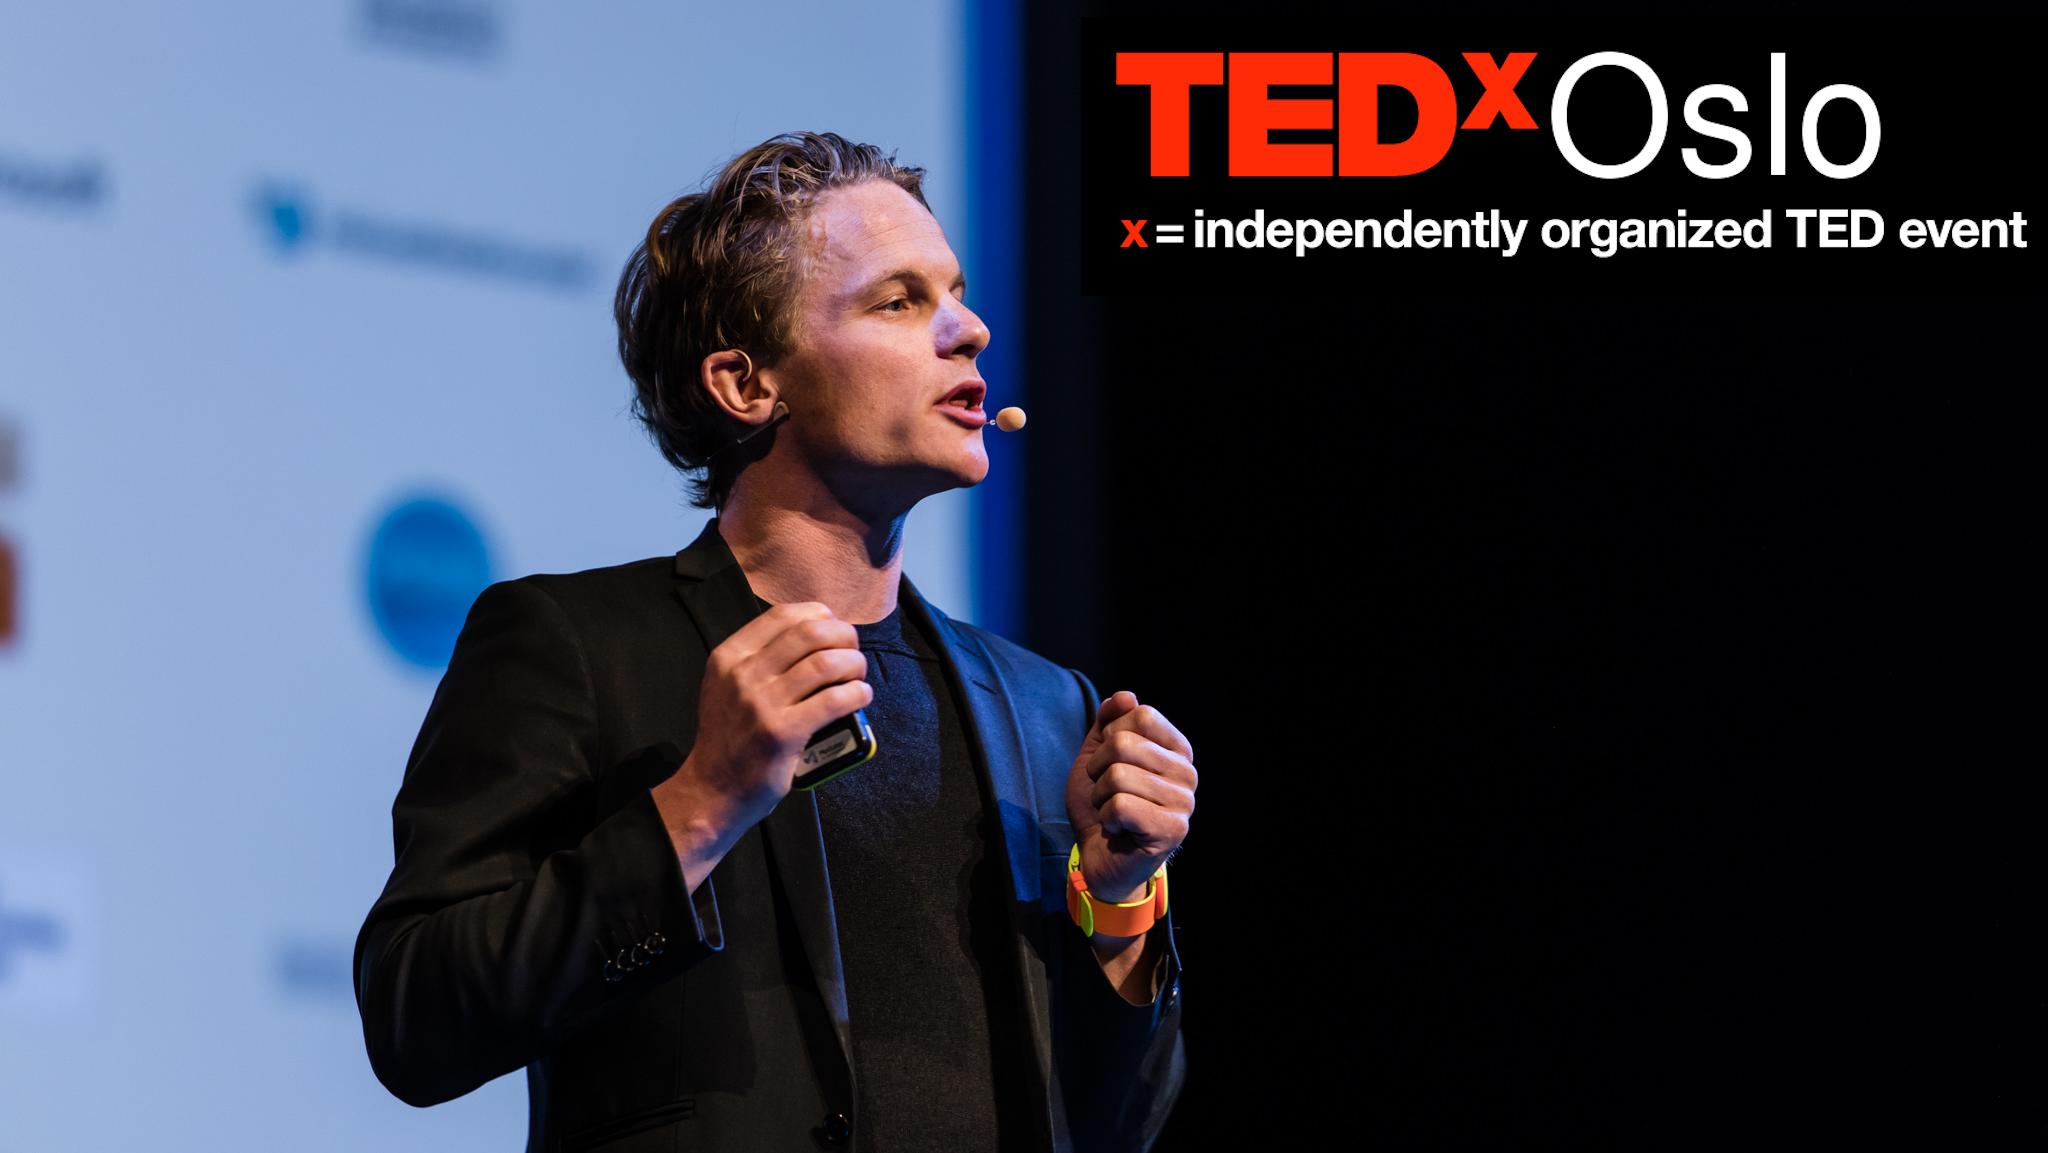 Fredrik-Gulowsen-TEDxOslo-2